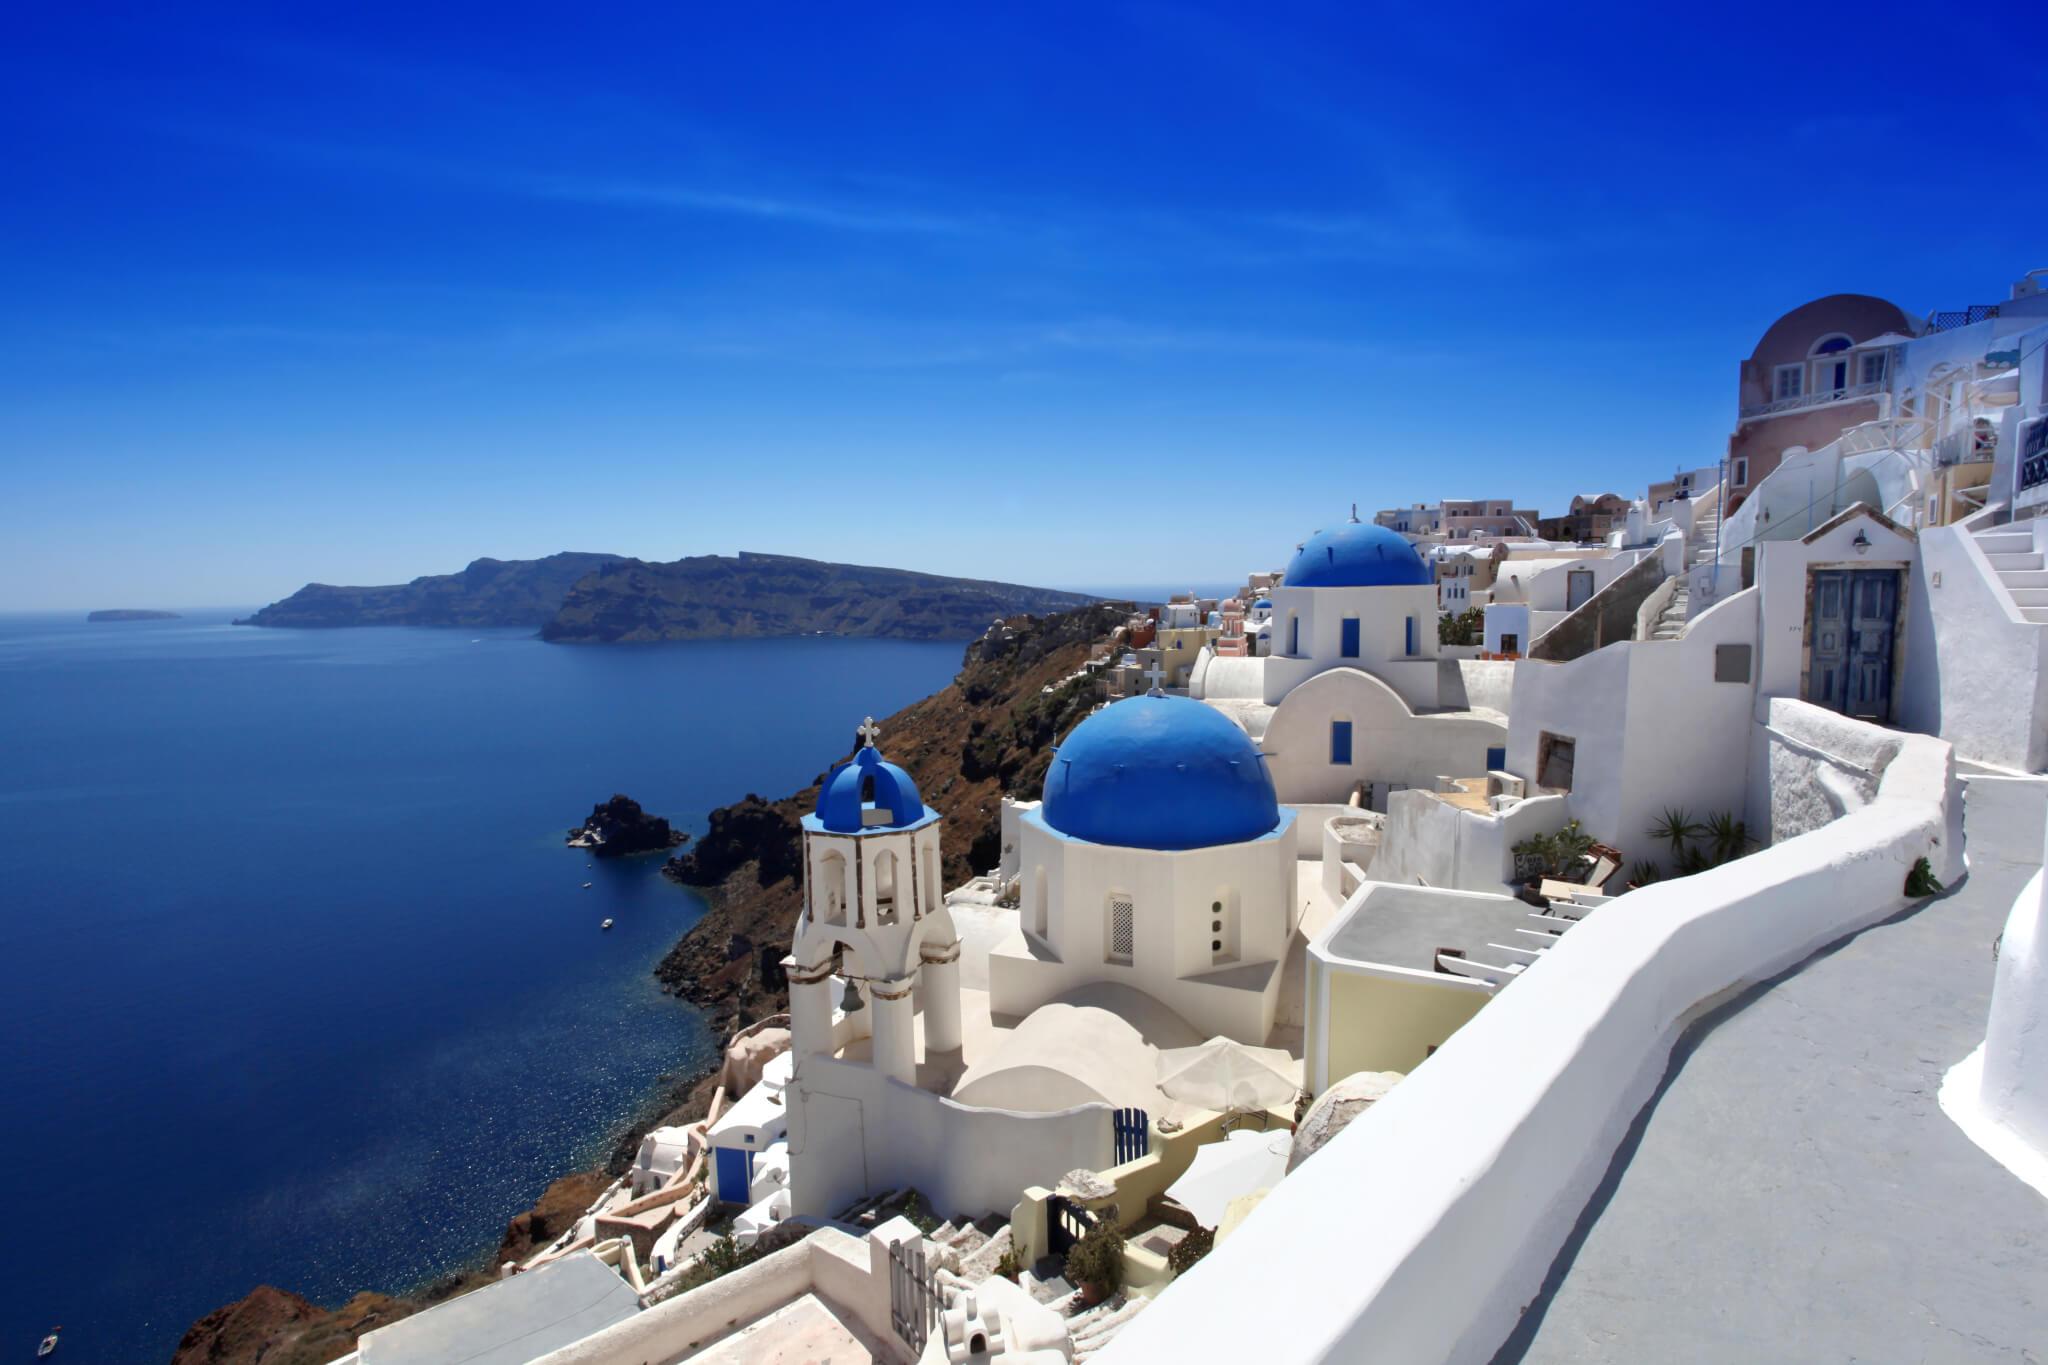 עד כמה מורכב לרכוש נכסים ביוון?